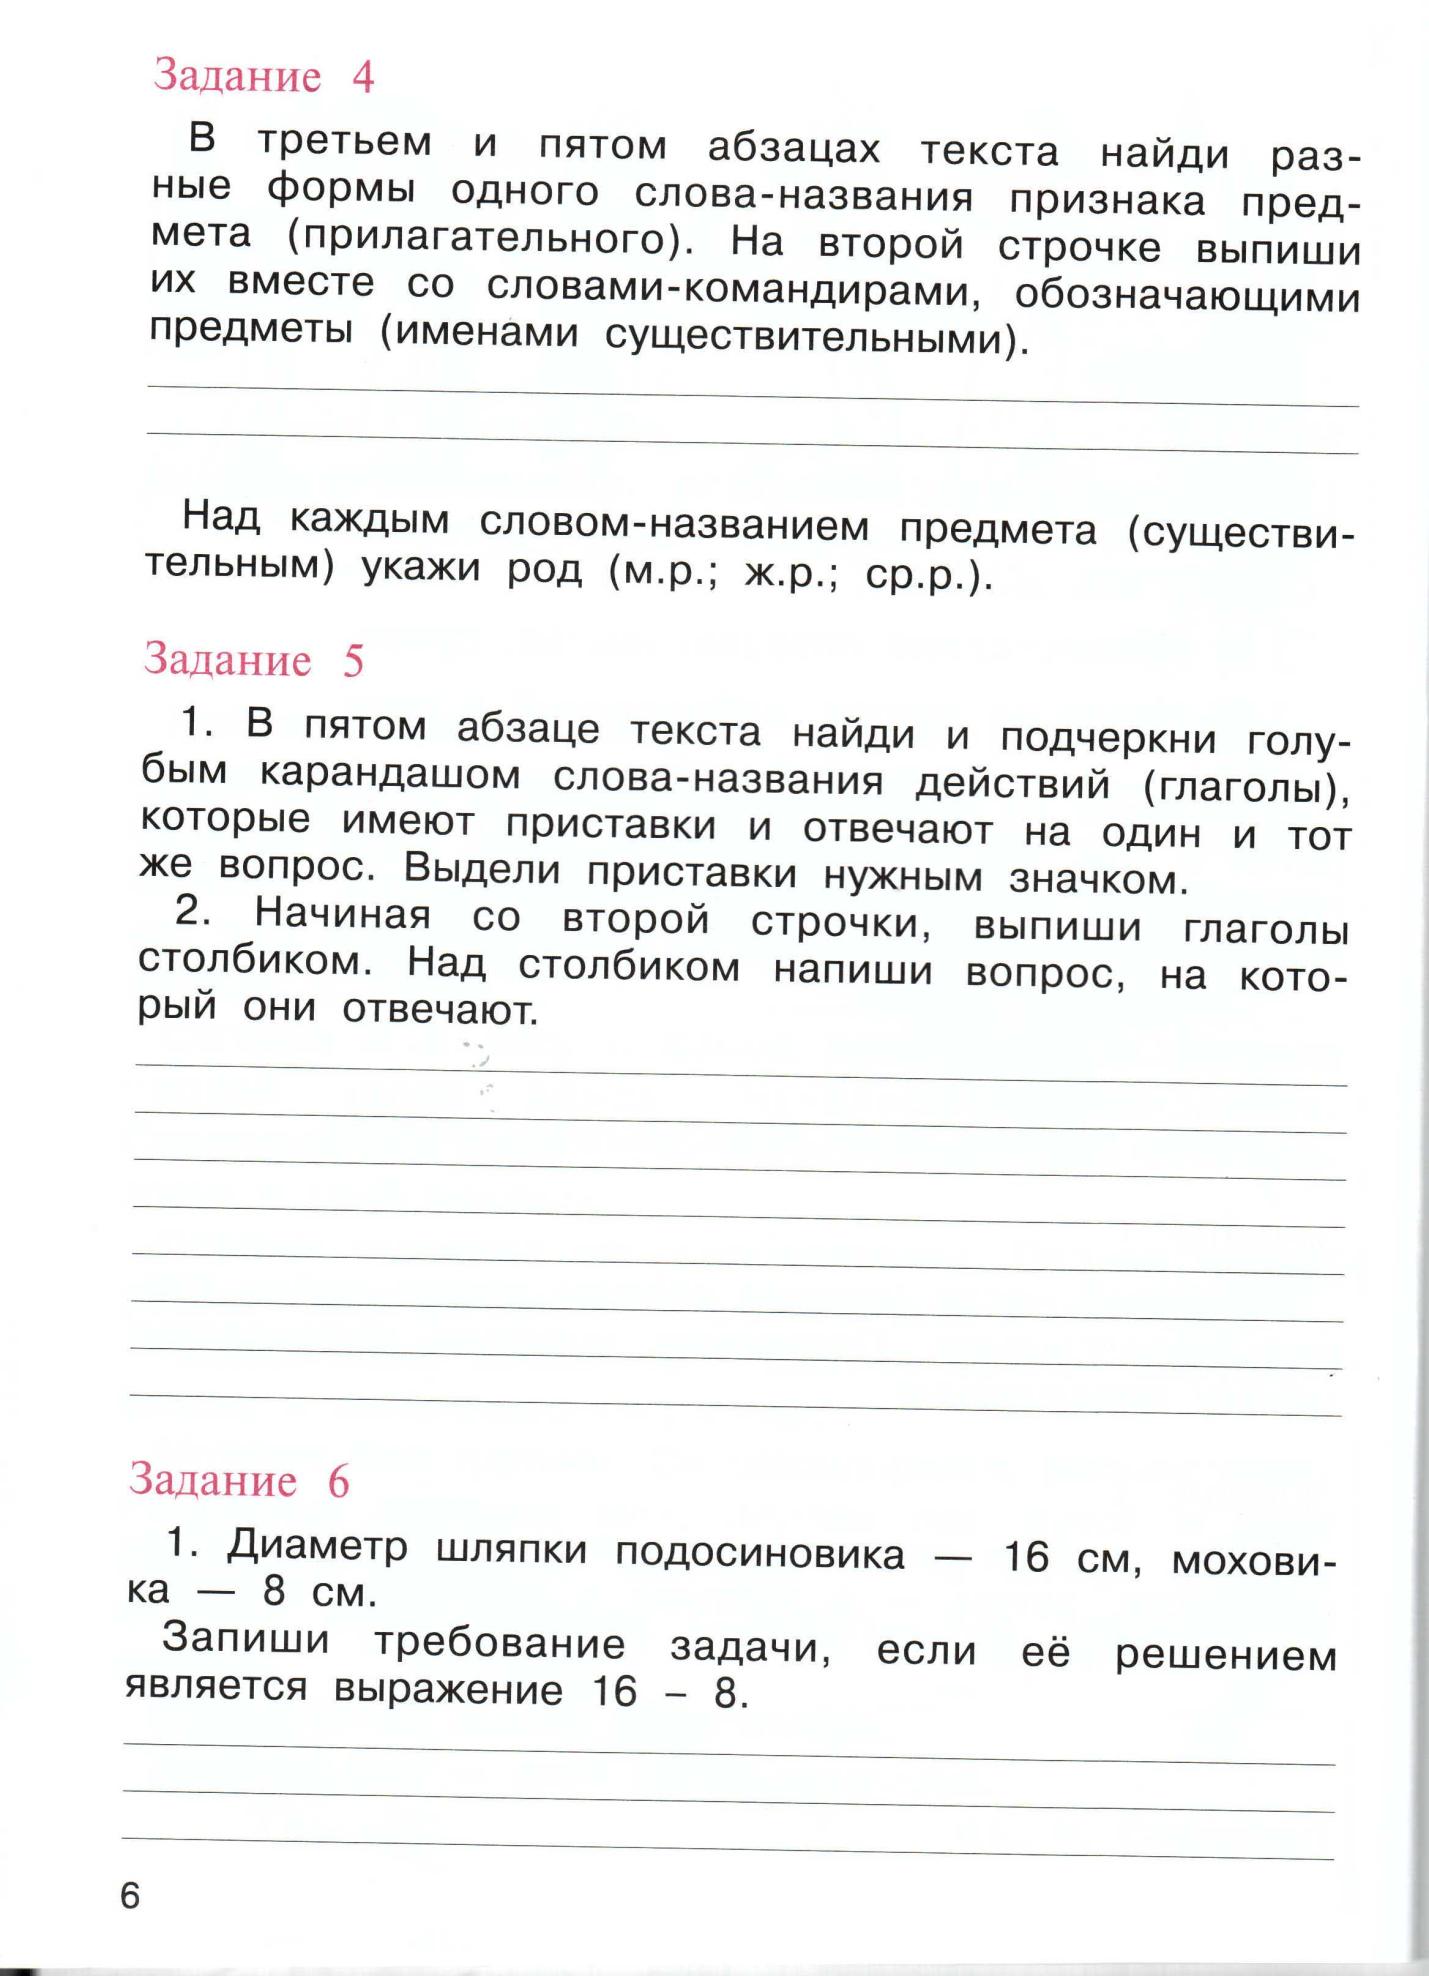 Учебник русского языка 6 класс русский язык 6 класс р н бунеев е в бунеева л ю комиссарова и в текучева торрент